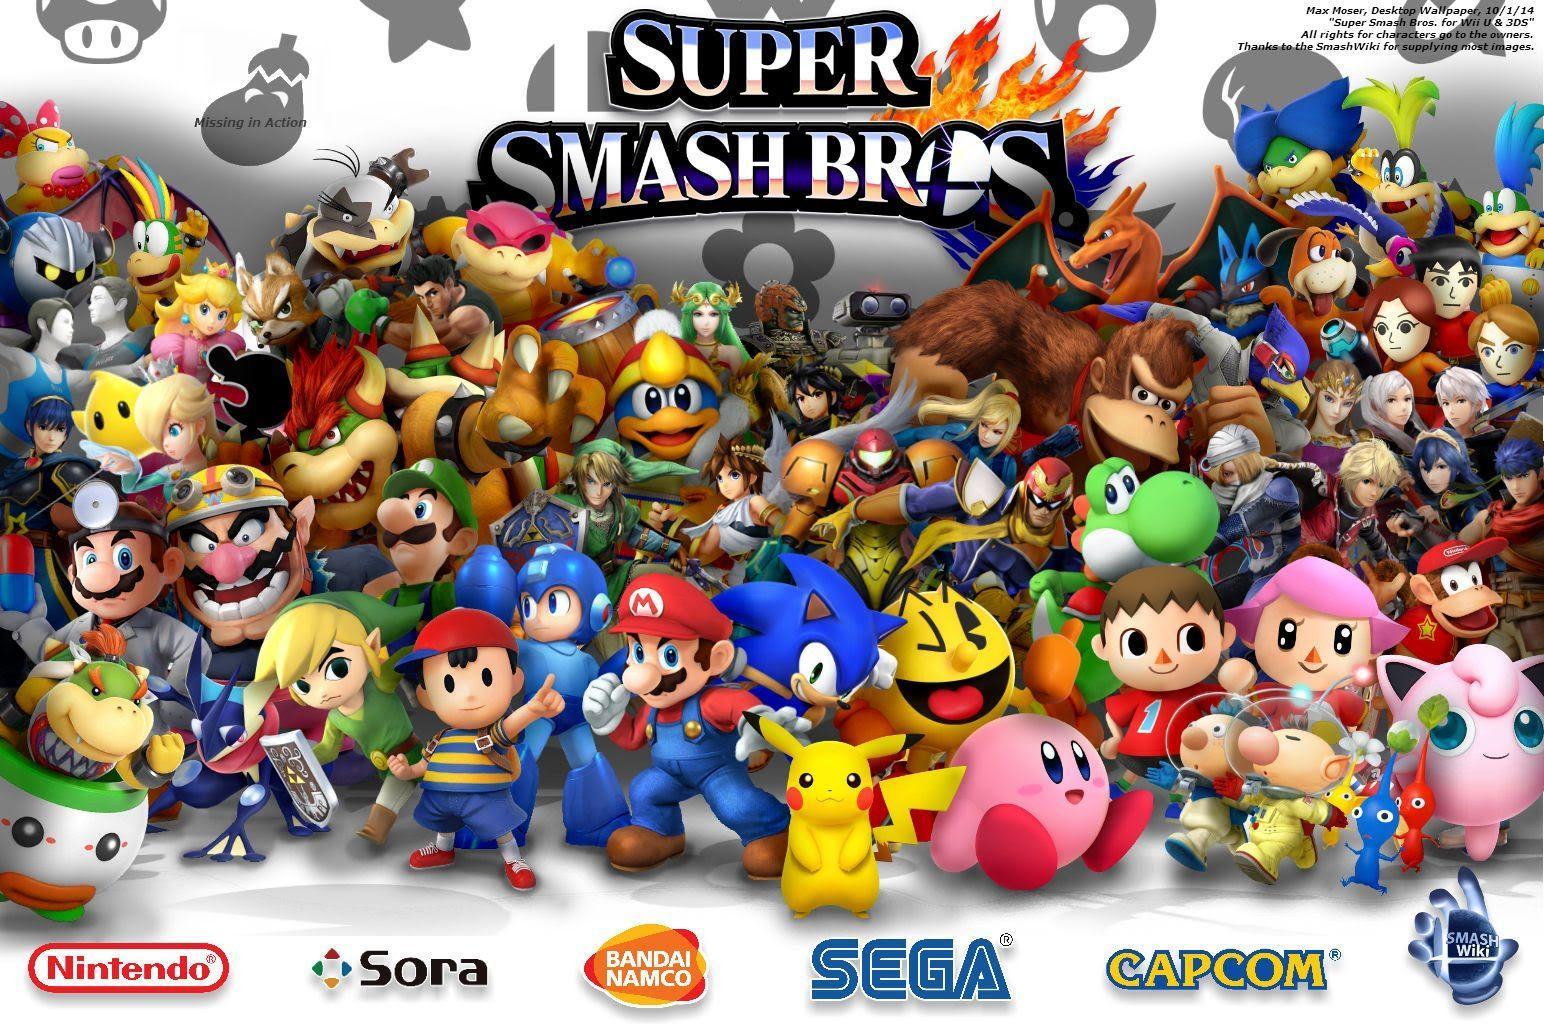 Super Smash Bros Wii U Wallpapers Wallpaper Cave